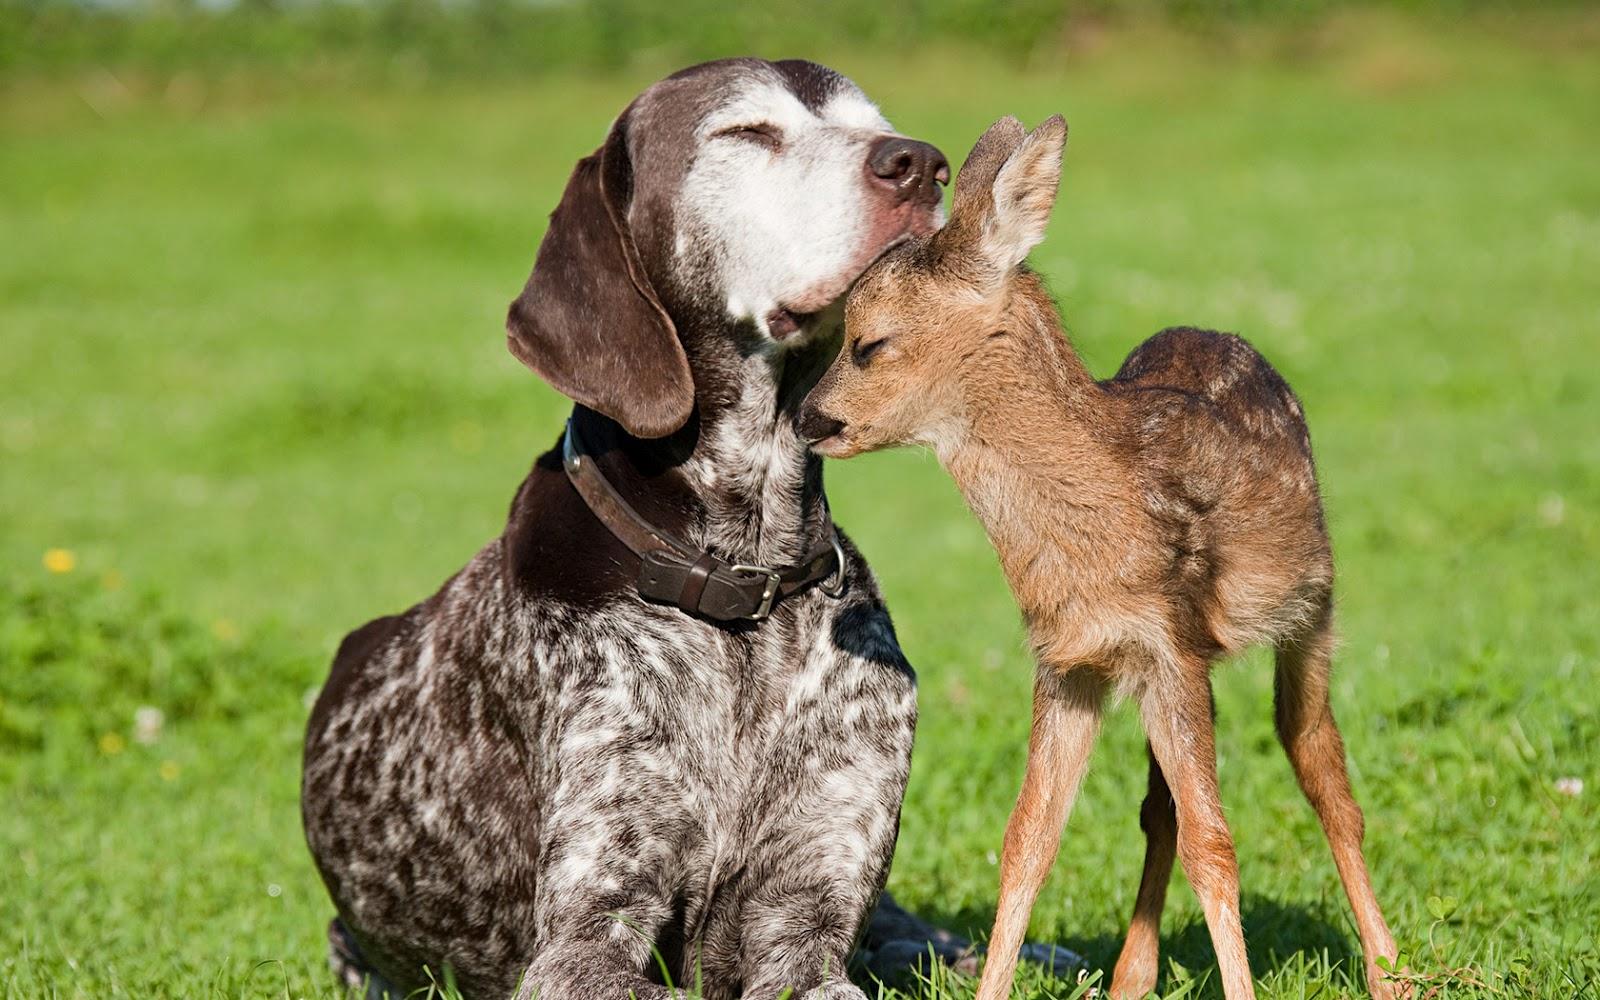 http://3.bp.blogspot.com/-2_vv-d45SqQ/UGg_XCgHDdI/AAAAAAAAE70/SM80O5Wzc3A/s1600/Dog-and-Baby-Deer-Animals-Friendship-HD-Wallpaper--NatureWallBase.Blogspot.Com.jpg